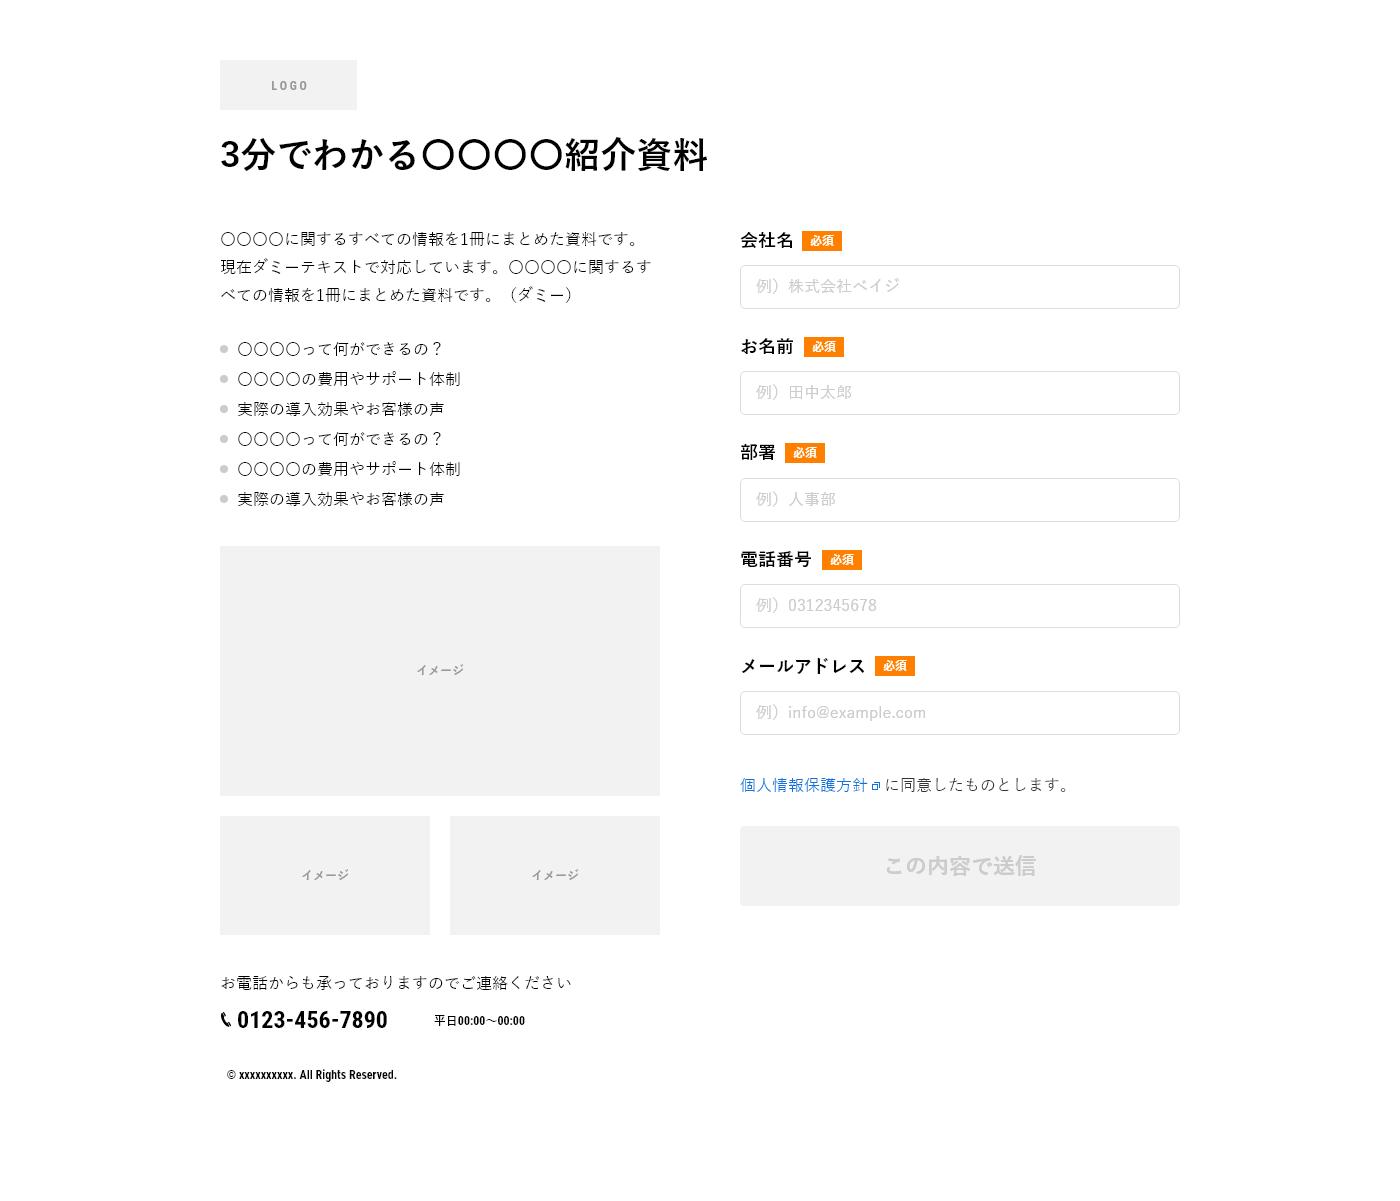 資料ダウンロード(詳細・入力)